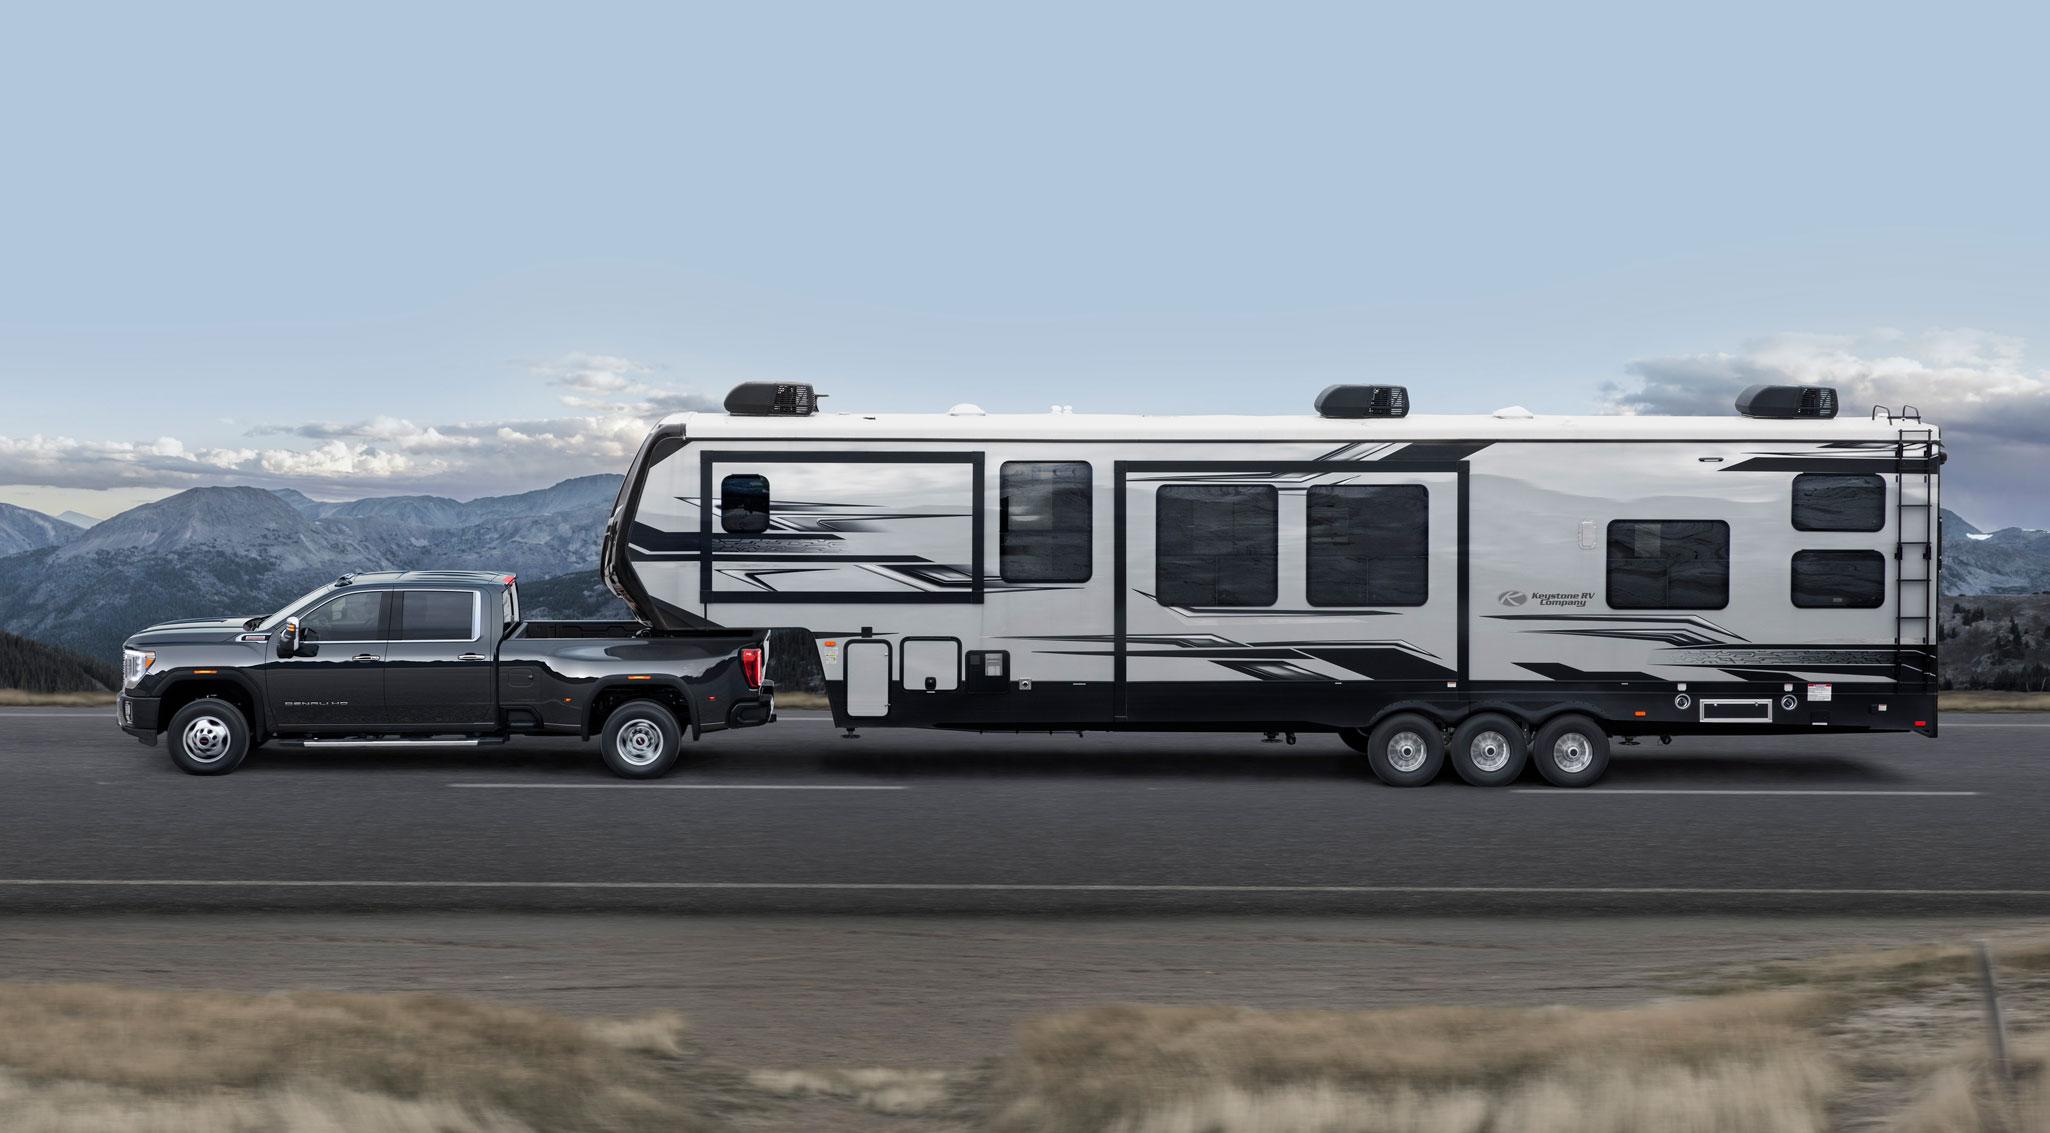 2020 GMC Sierra HD fifth wheel trailer